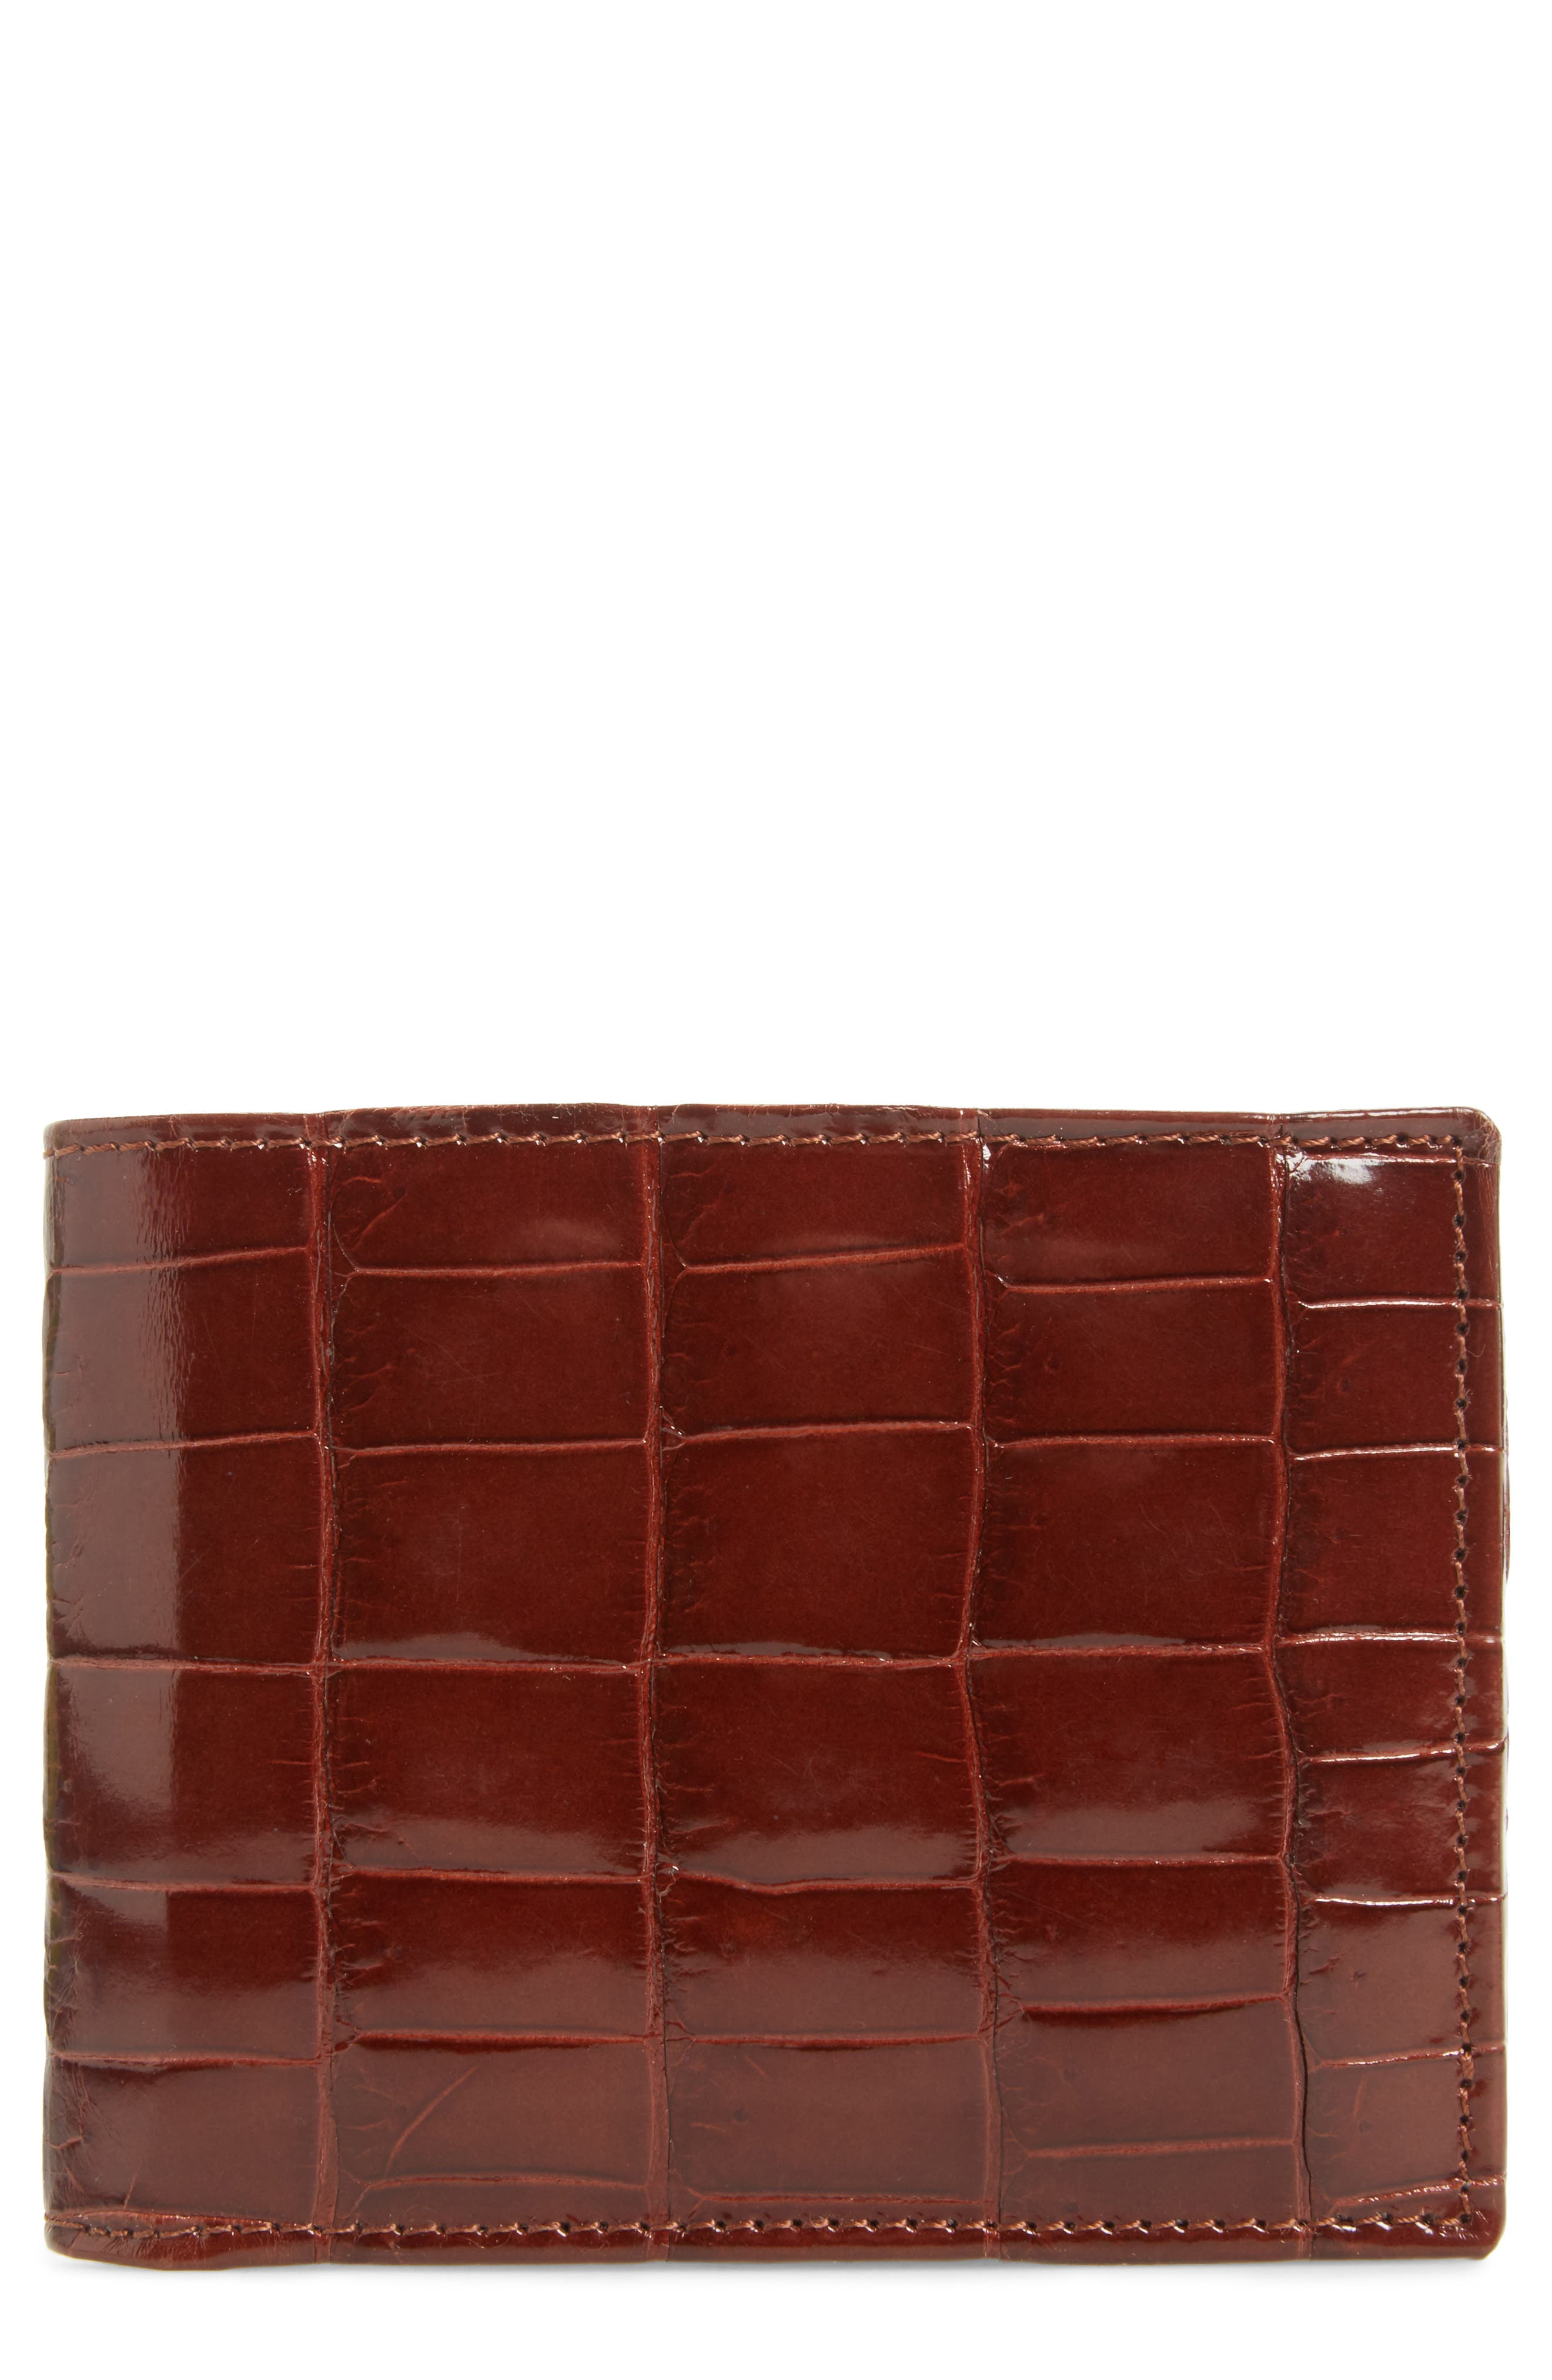 Main Image - Mezlan Alligator Leather Bifold Wallet